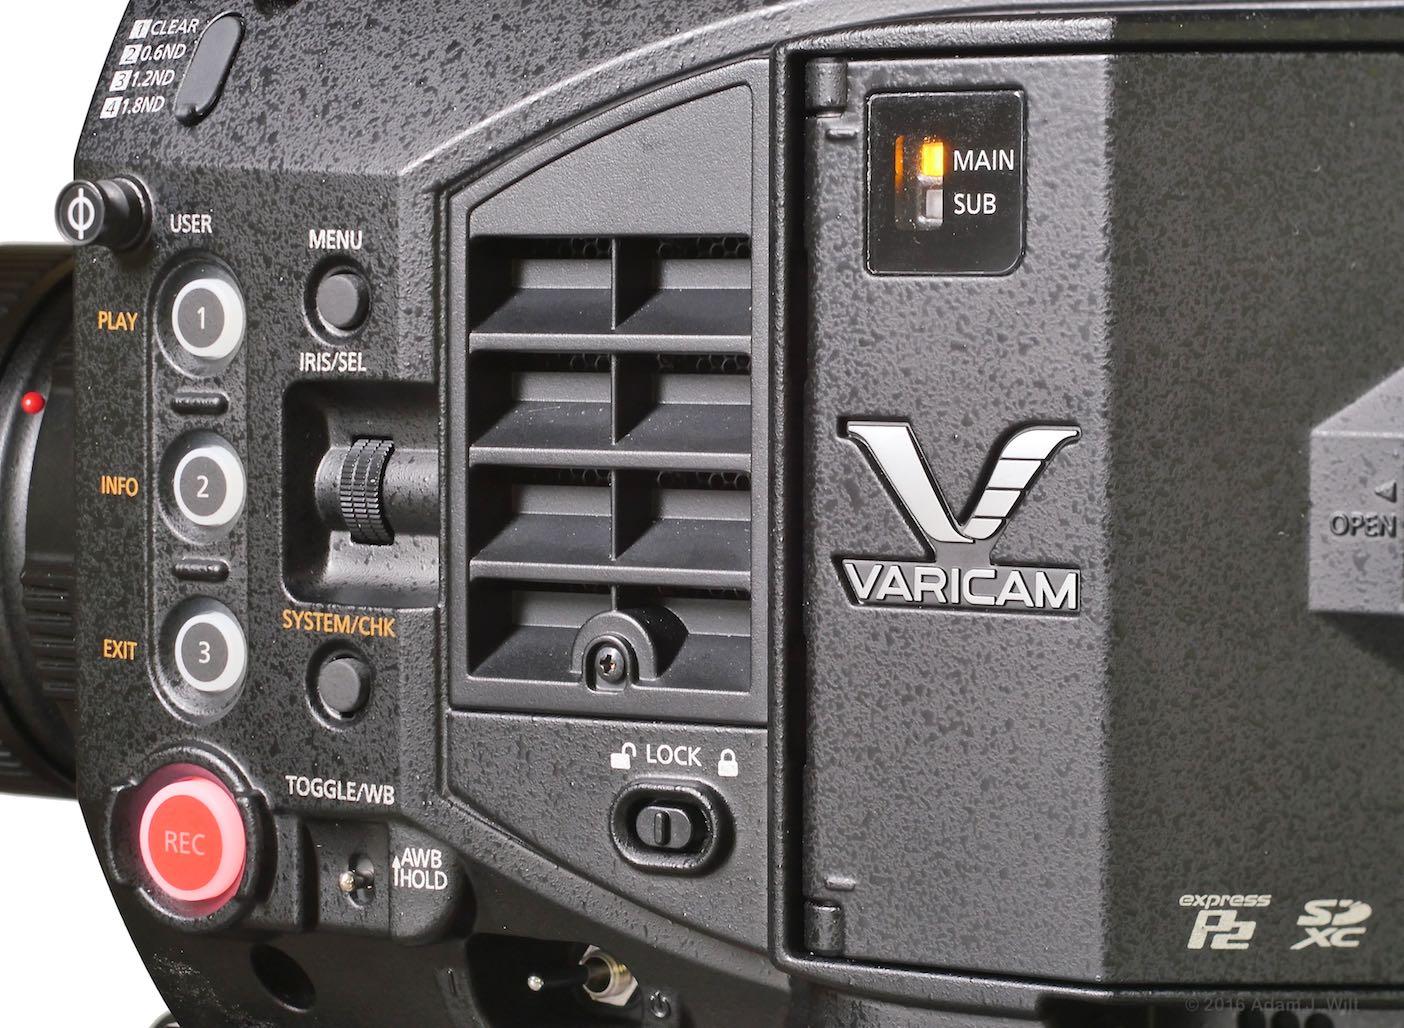 detail of VariCam LT side panel